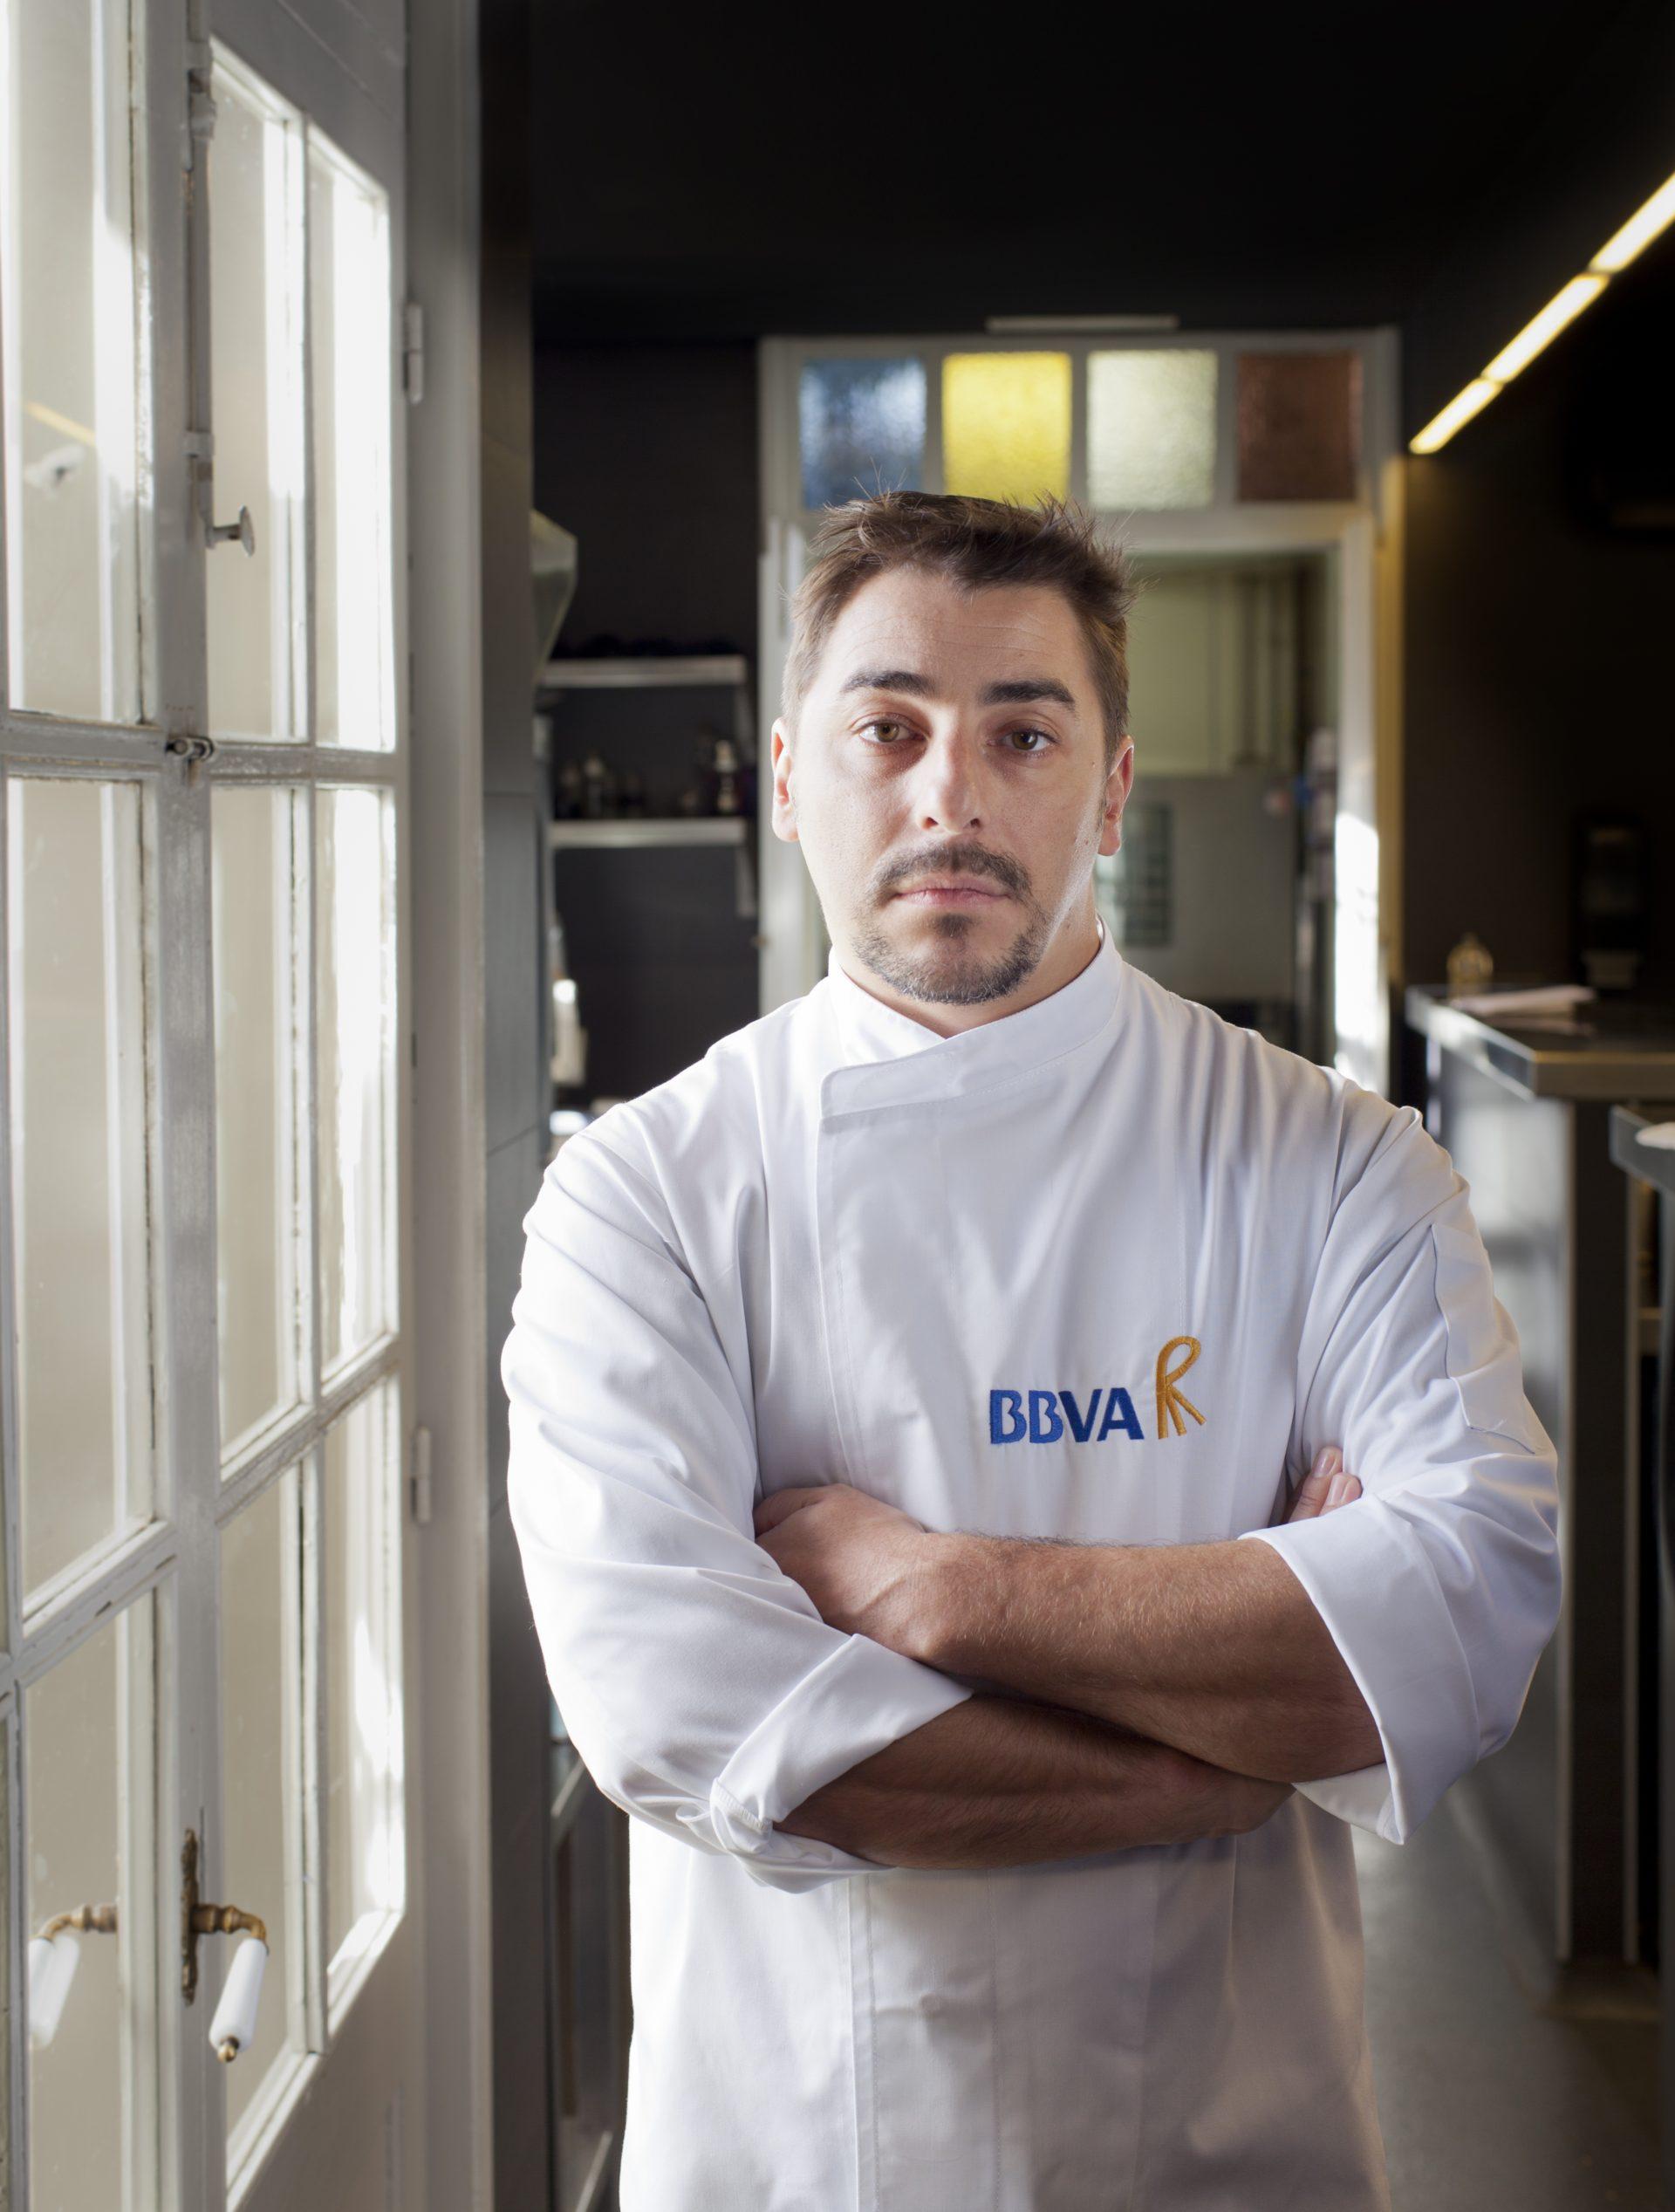 Fotografía de Jordi Roca en la cocina